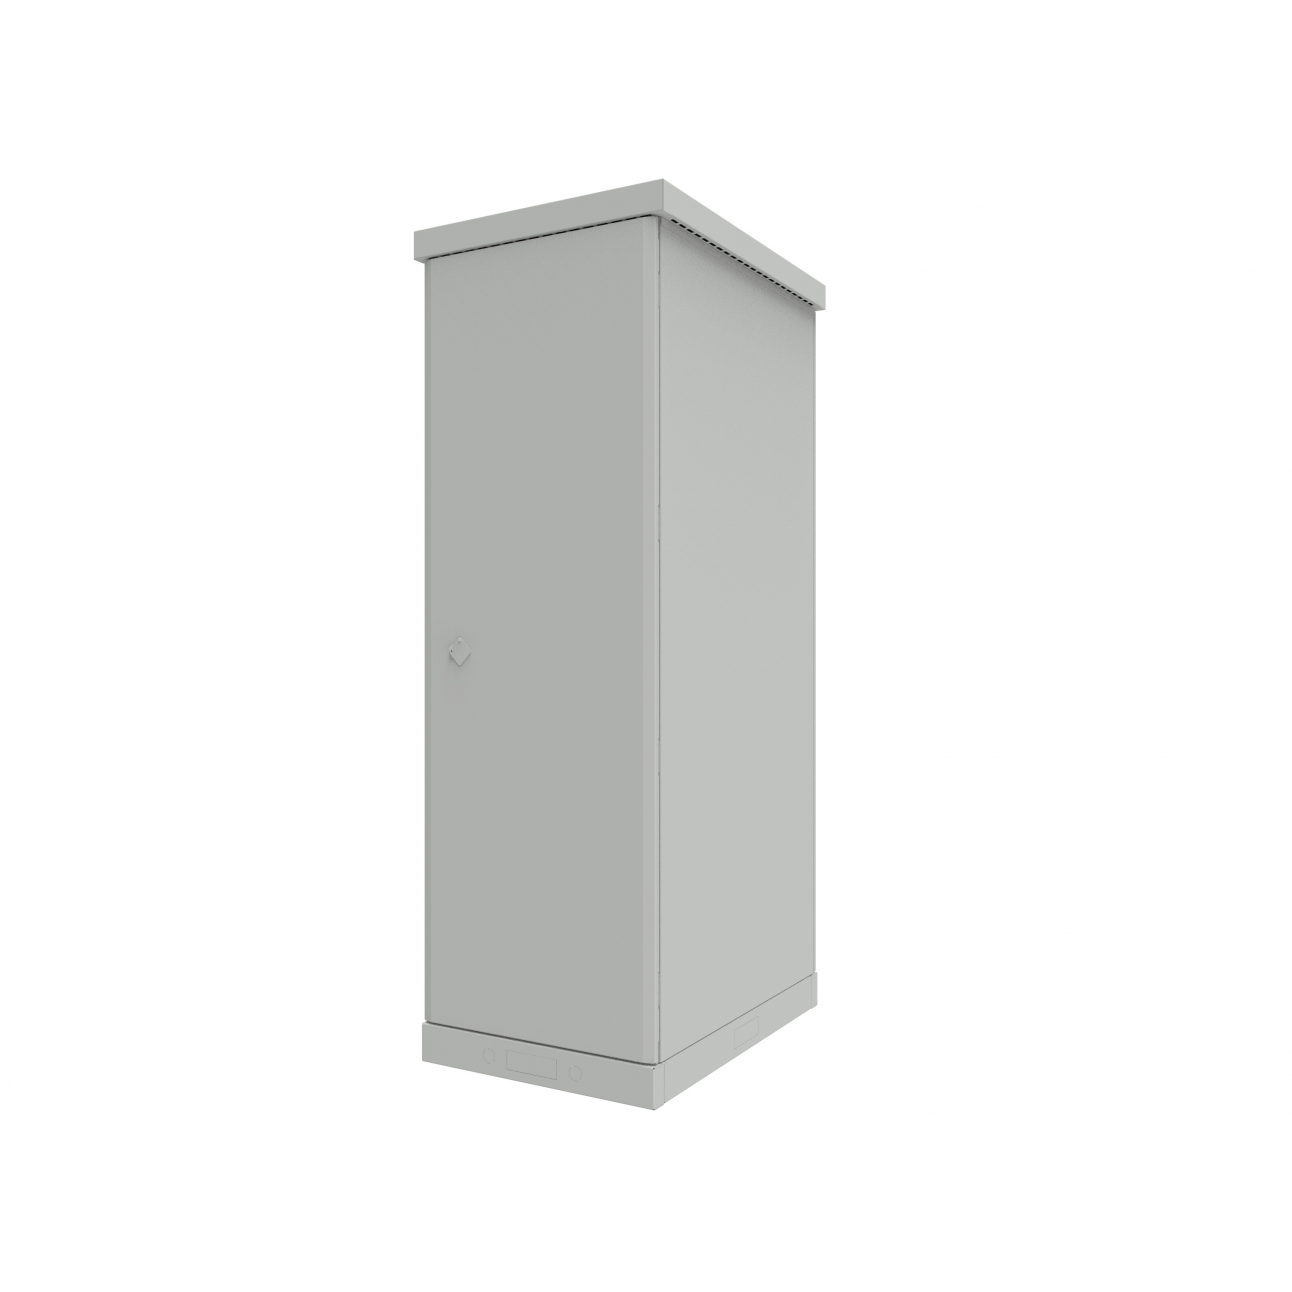 Шкаф уличный всепогодный 42U глубина 1000мм (охлаждение, контроль климата)